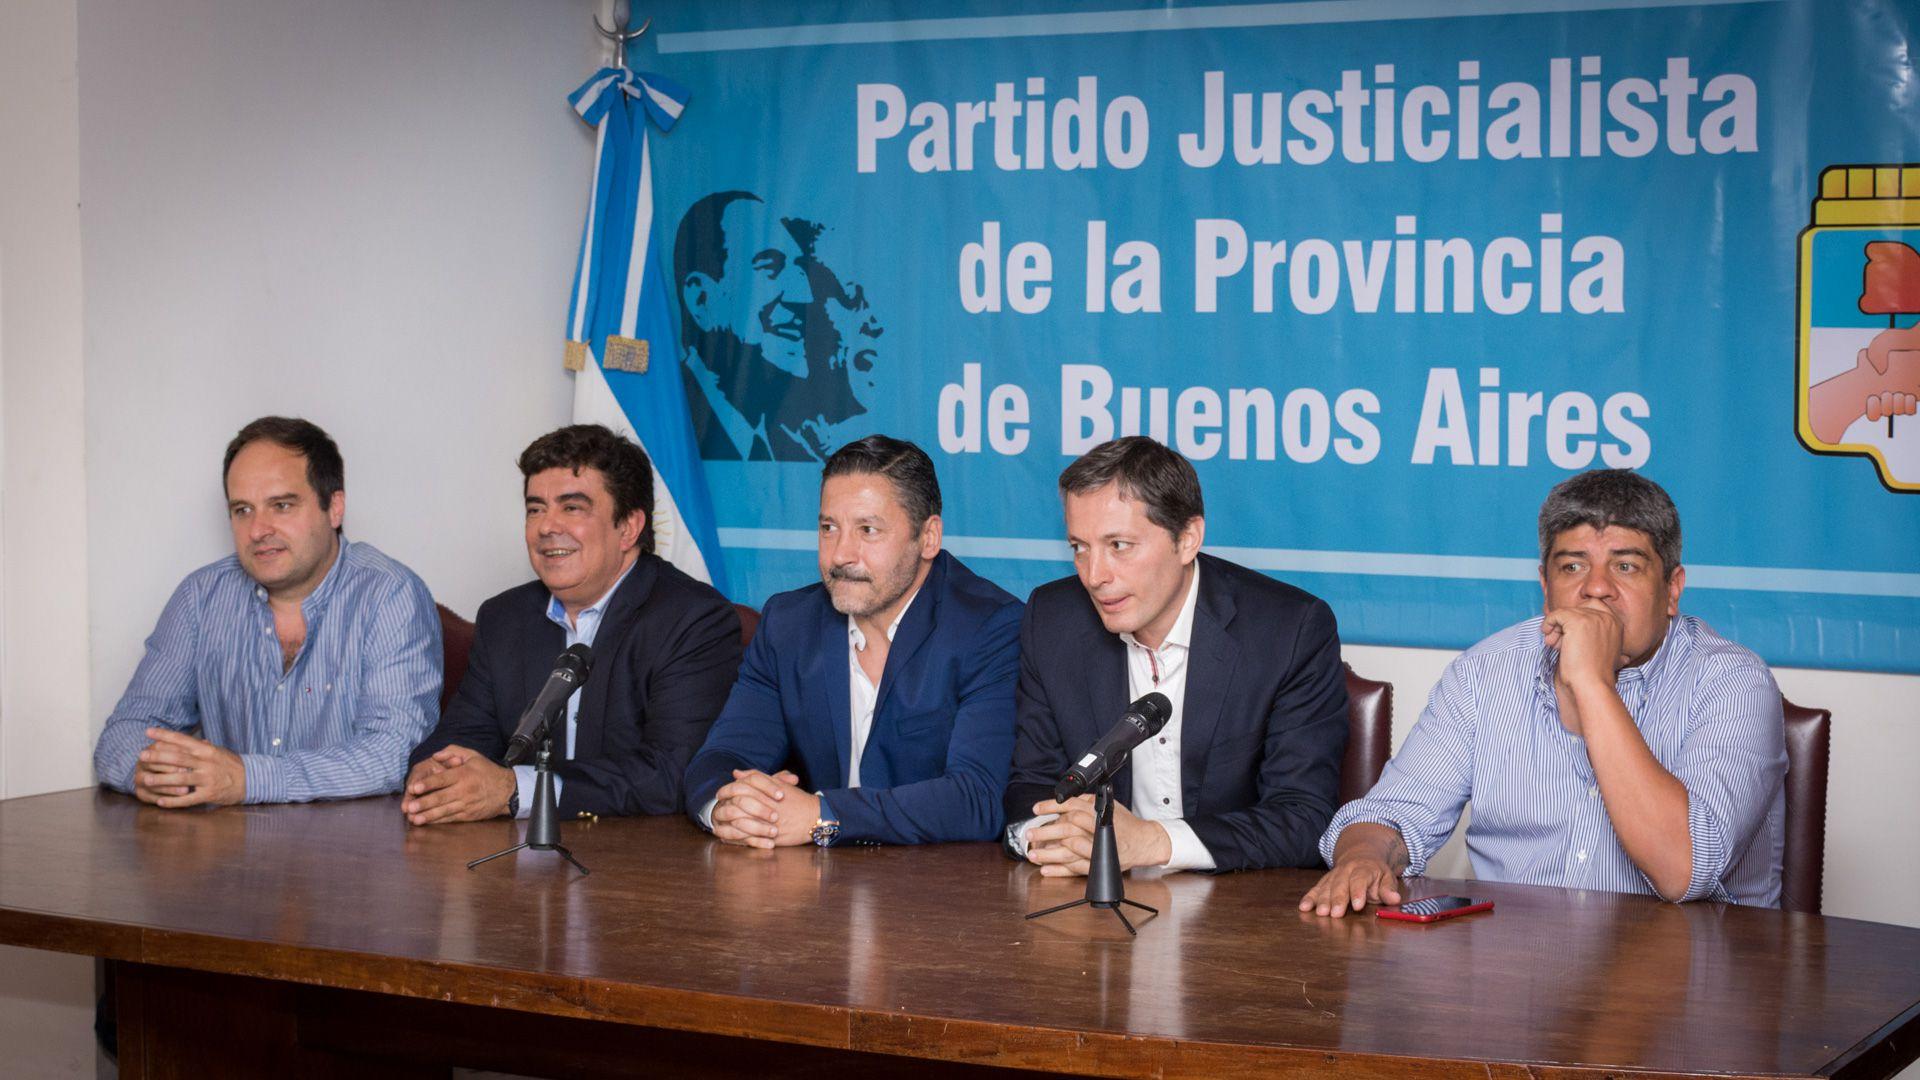 Gustavo Menendez es el actual presidente del PJ de la provincia de Buenos Aires. (Martín Rosenzveig)